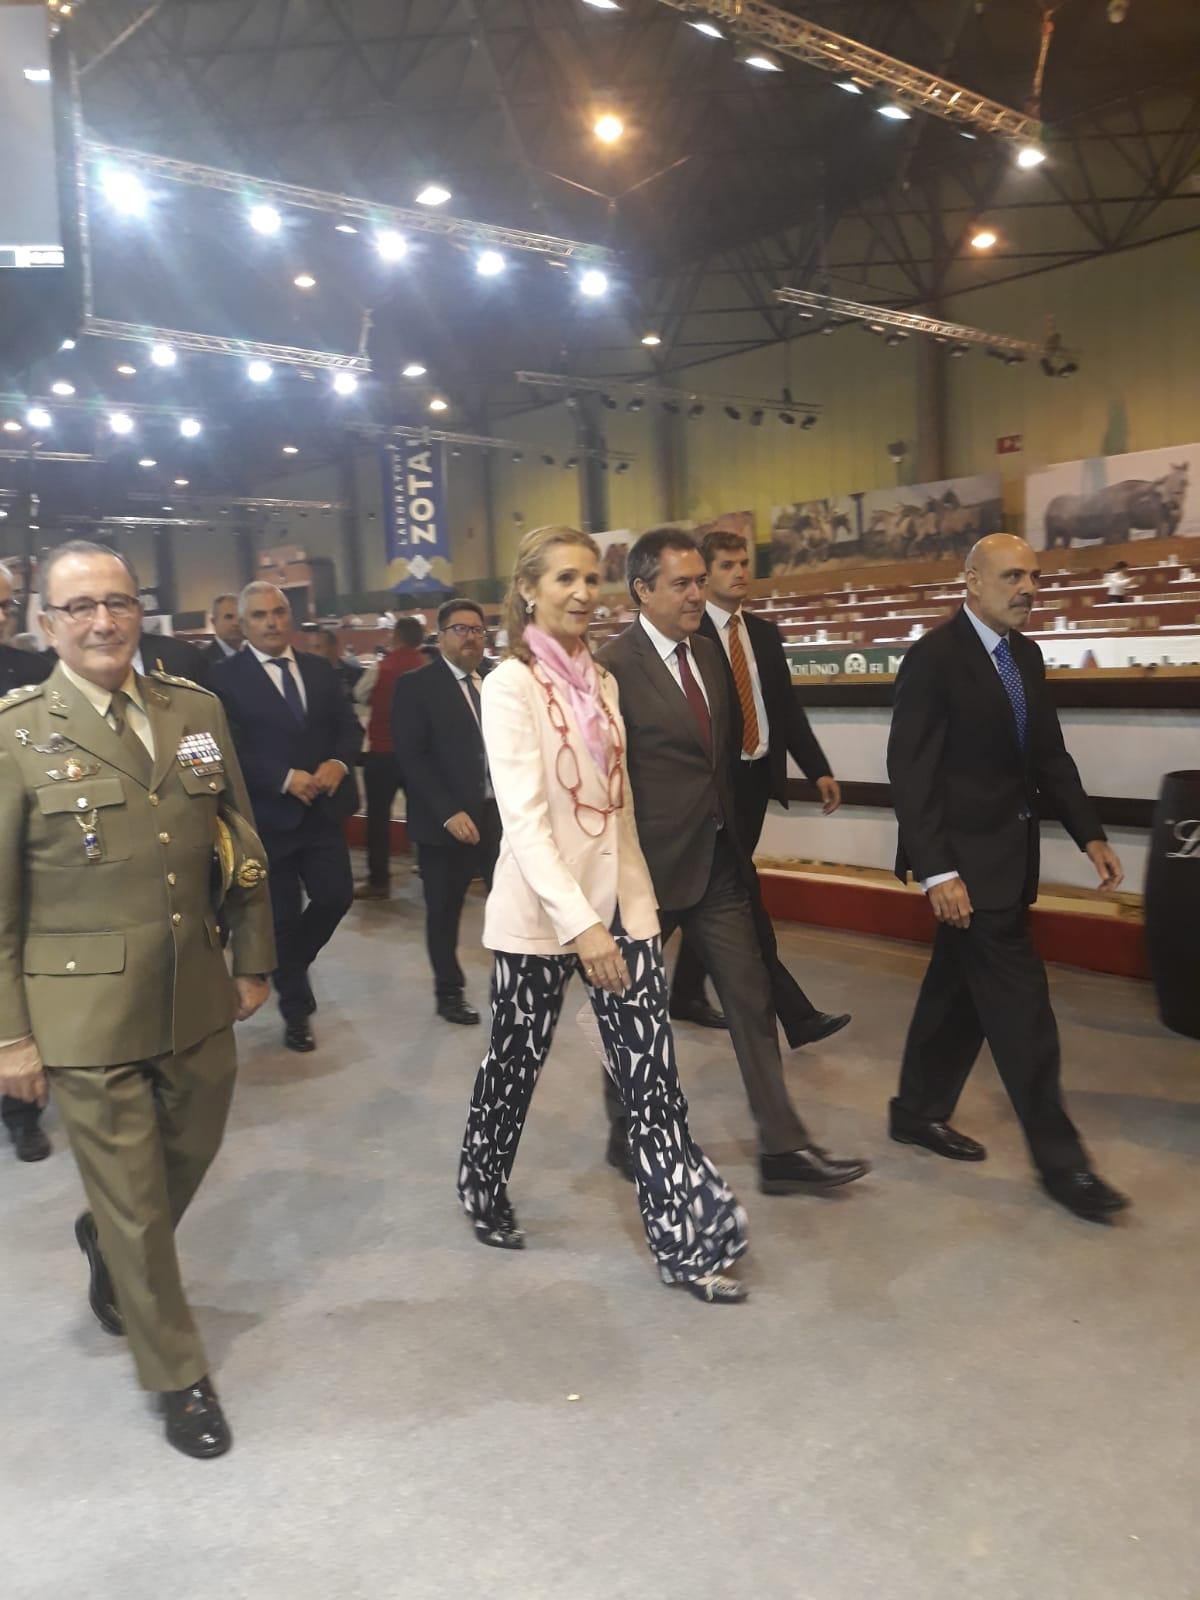 SAR Infanta Elena de Borbón con el cartel de Zotal en SICAB 2018